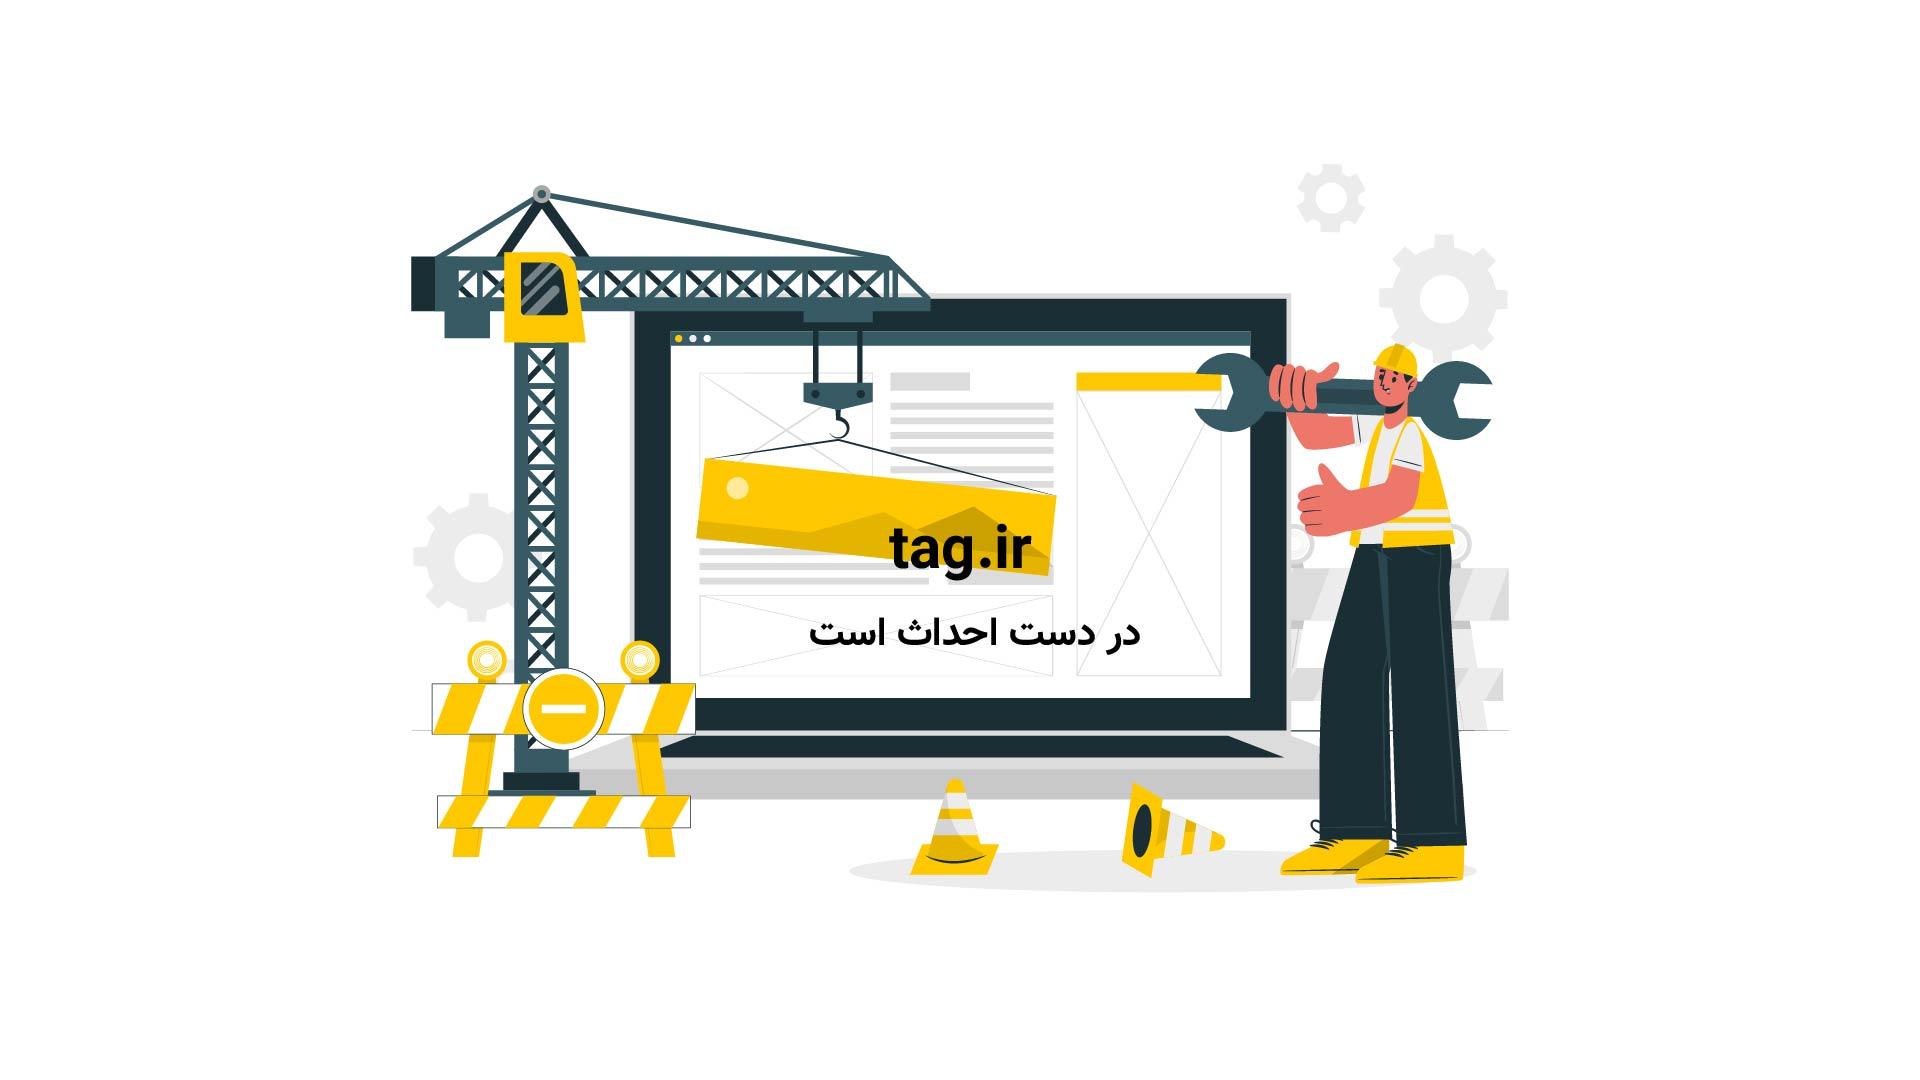 سنجاب پرنده بدون بال پرواز میکند|تگ